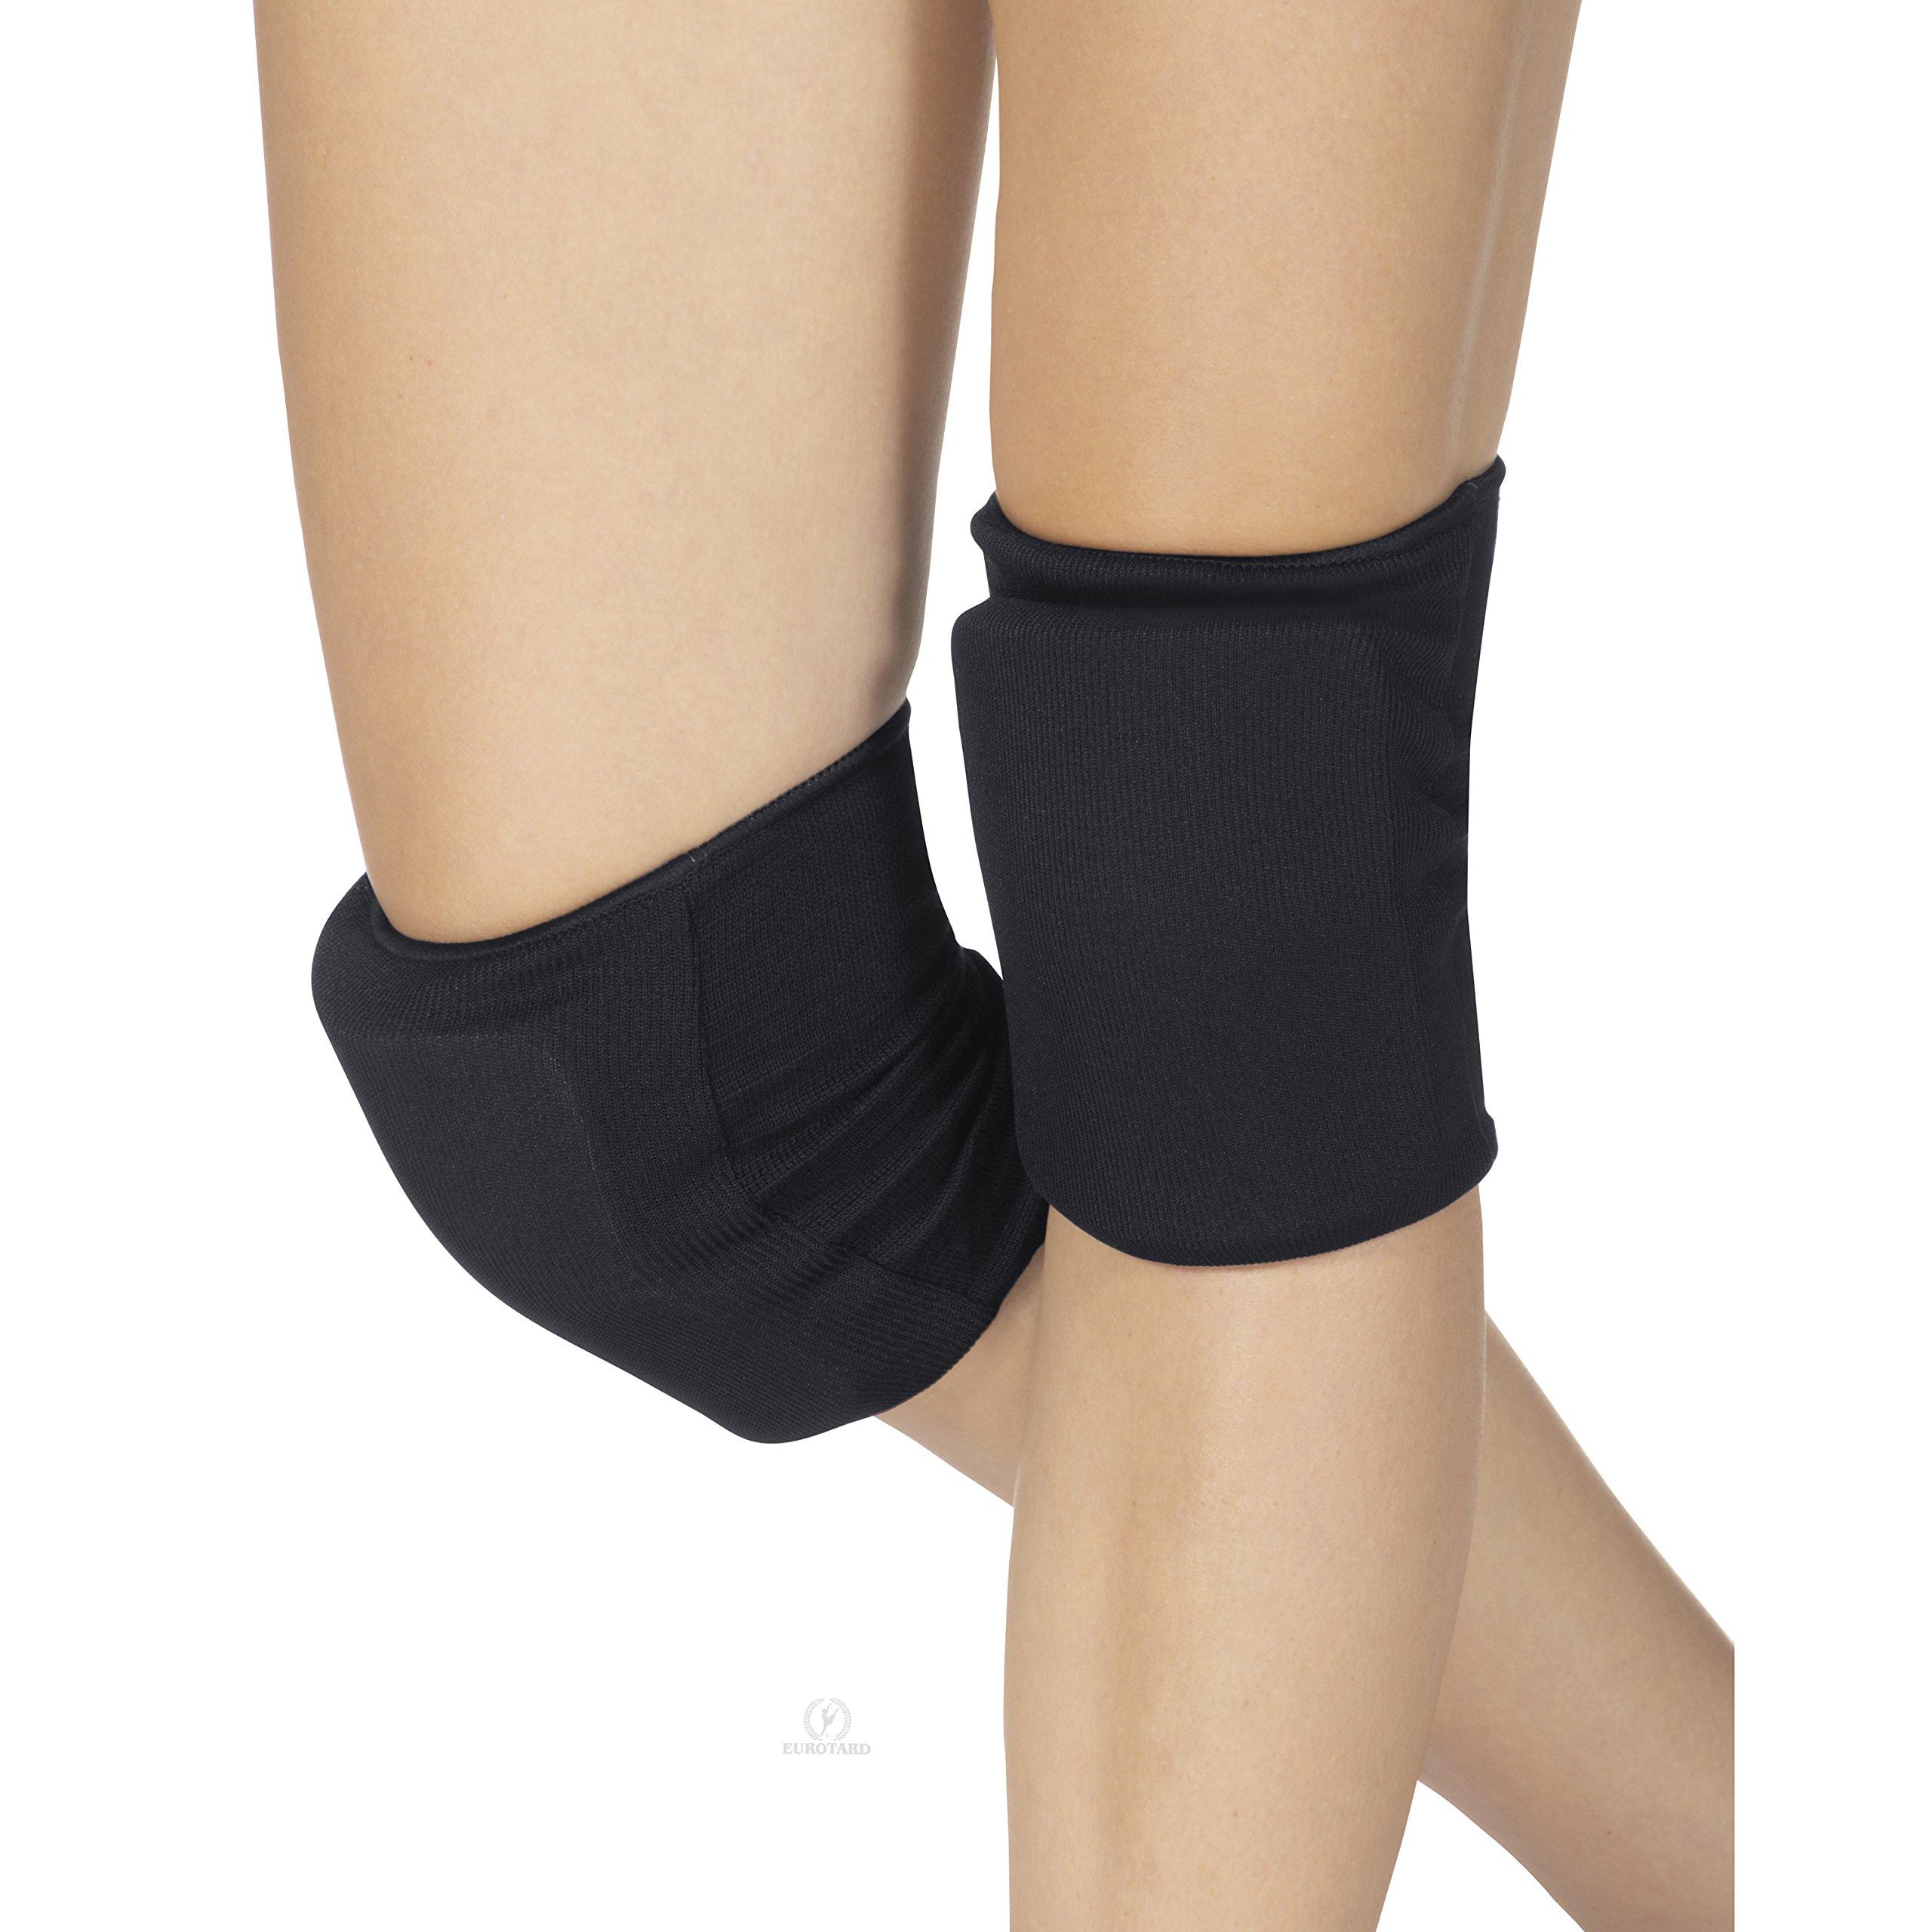 Eurotard Knee Pads (Medium, Black) by Eurotard